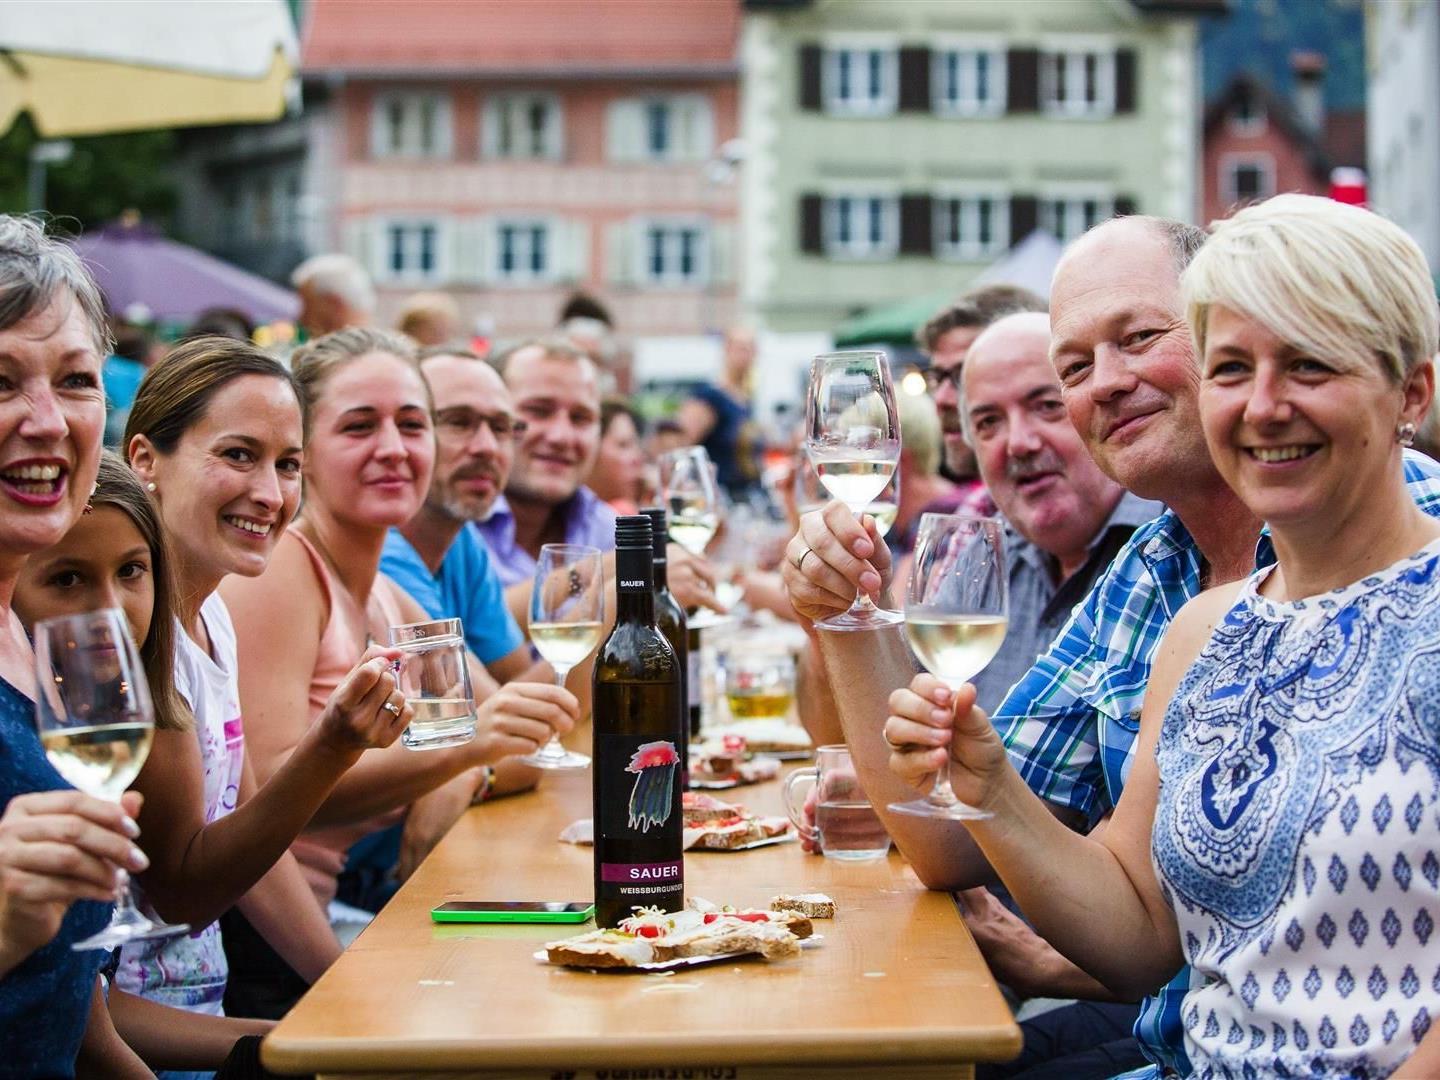 Steirisches Weinfest im Jüdischen Viertel